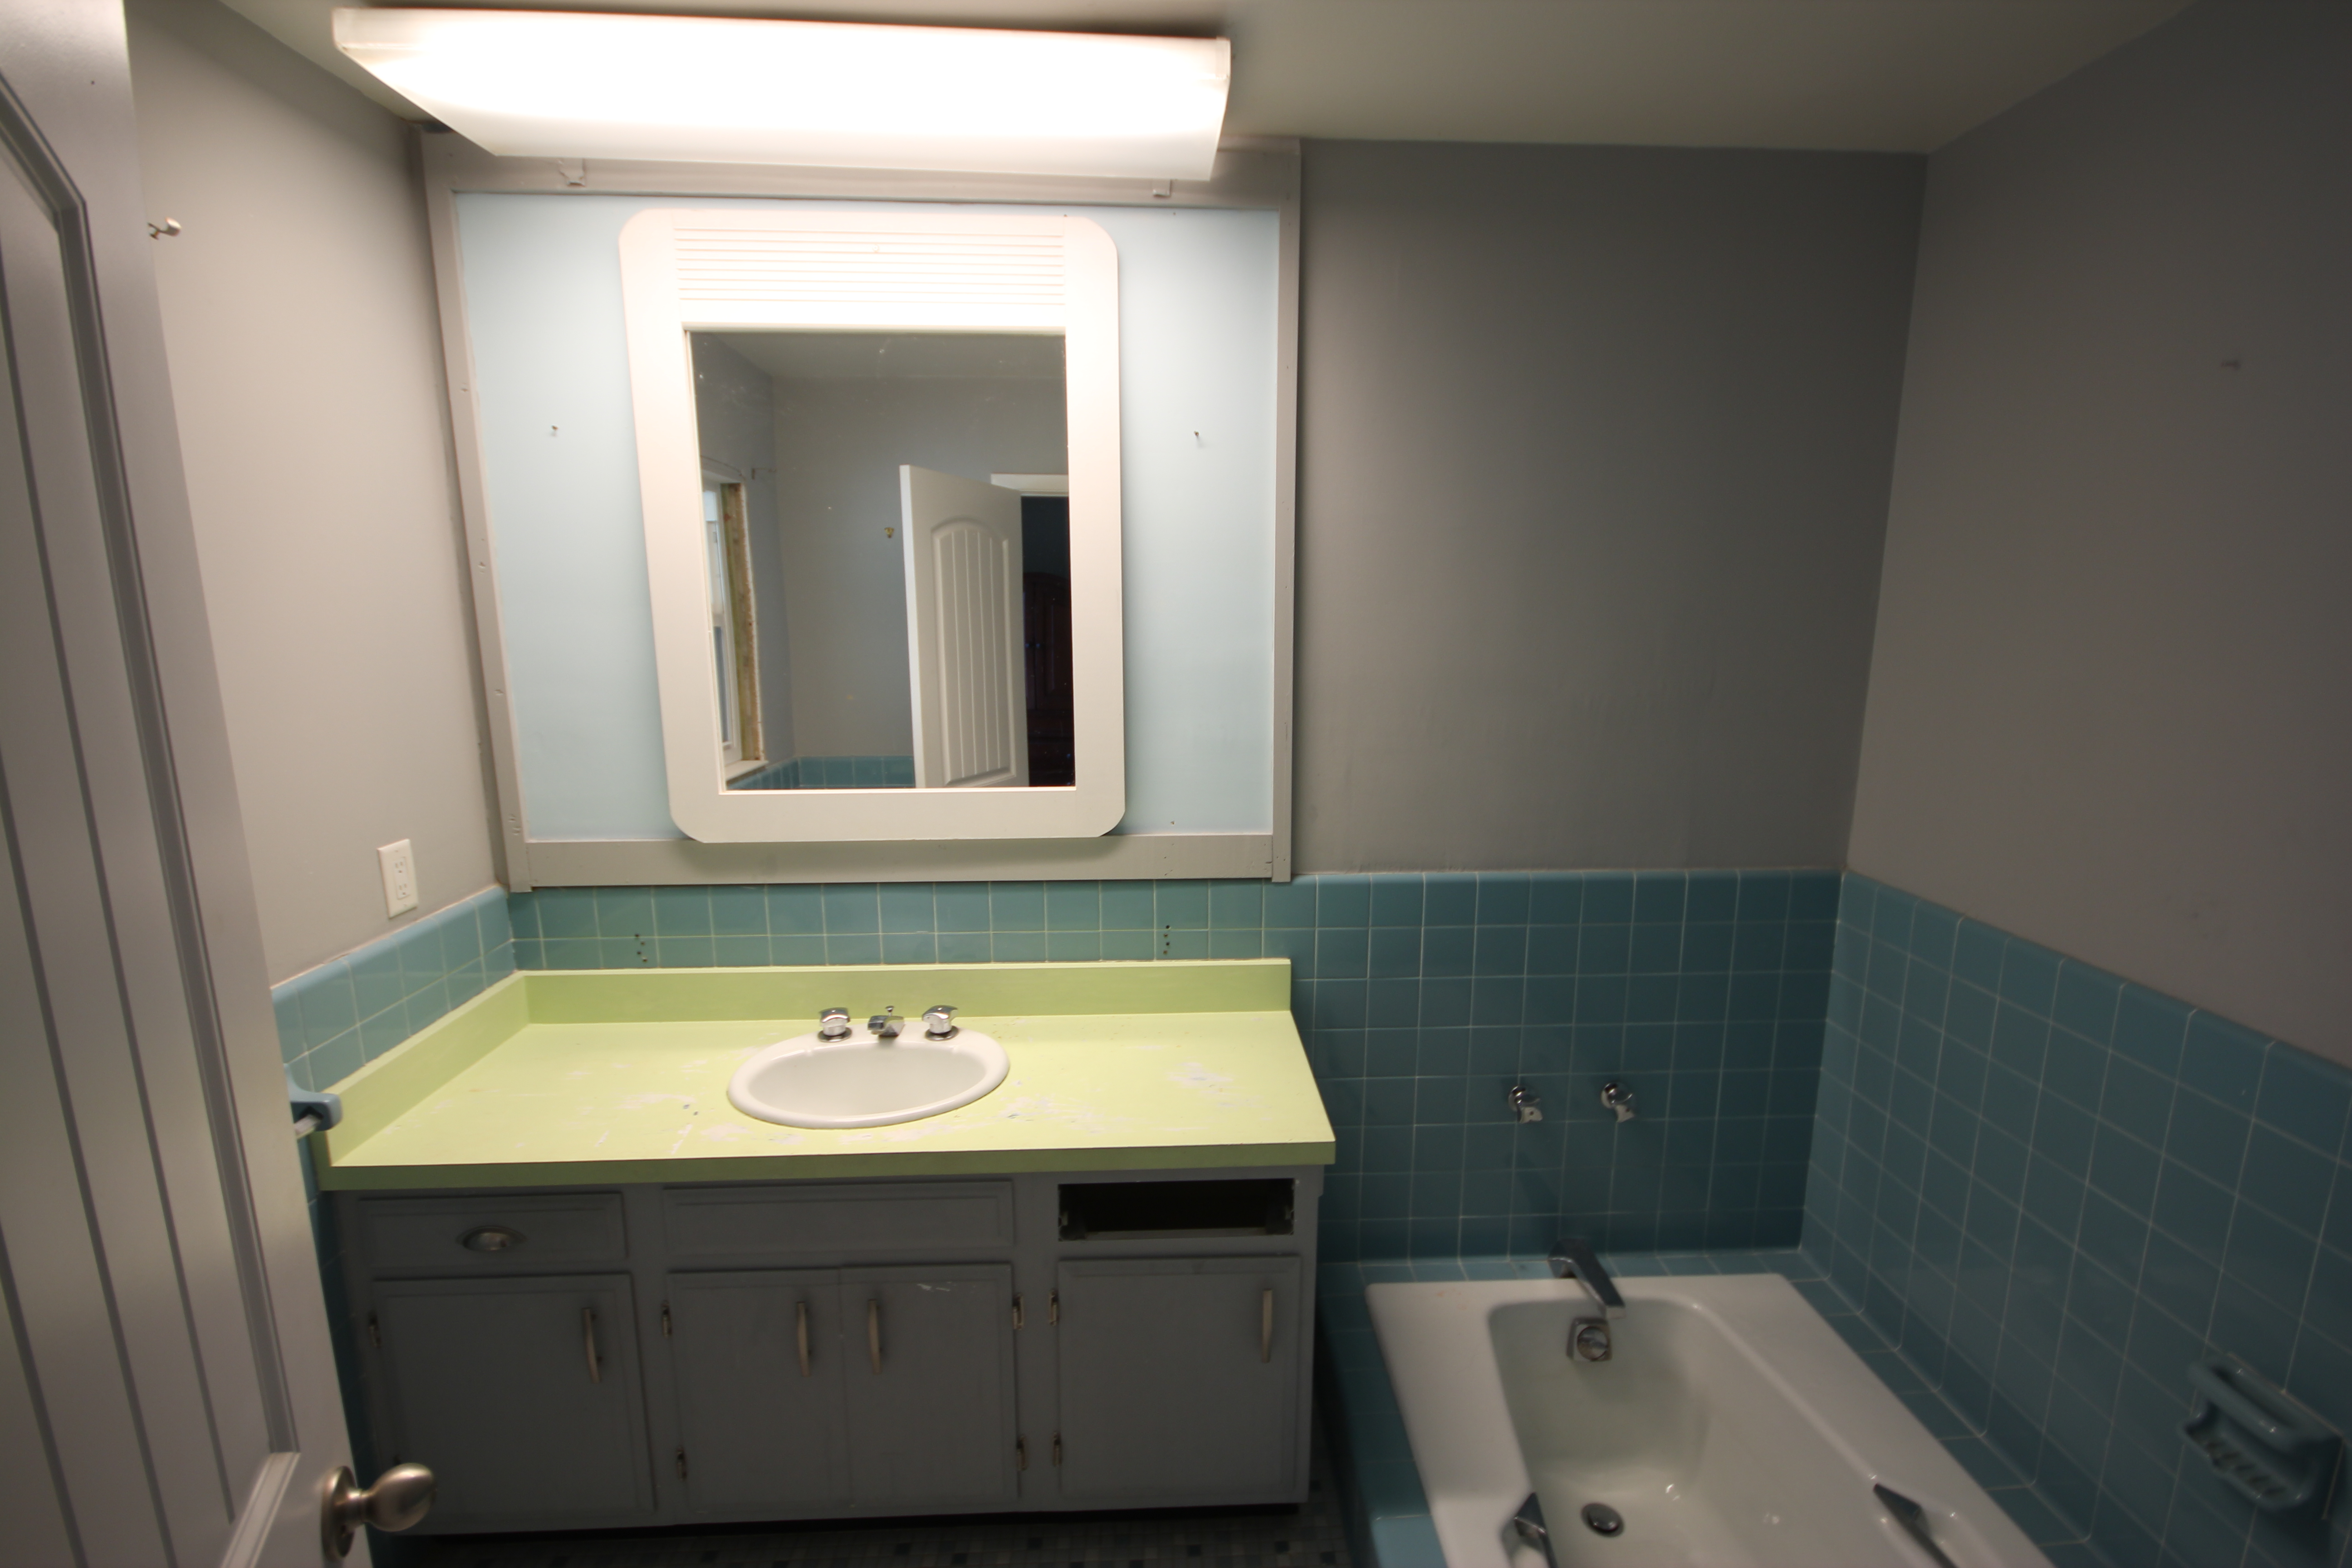 Bathroom Remodel - Before